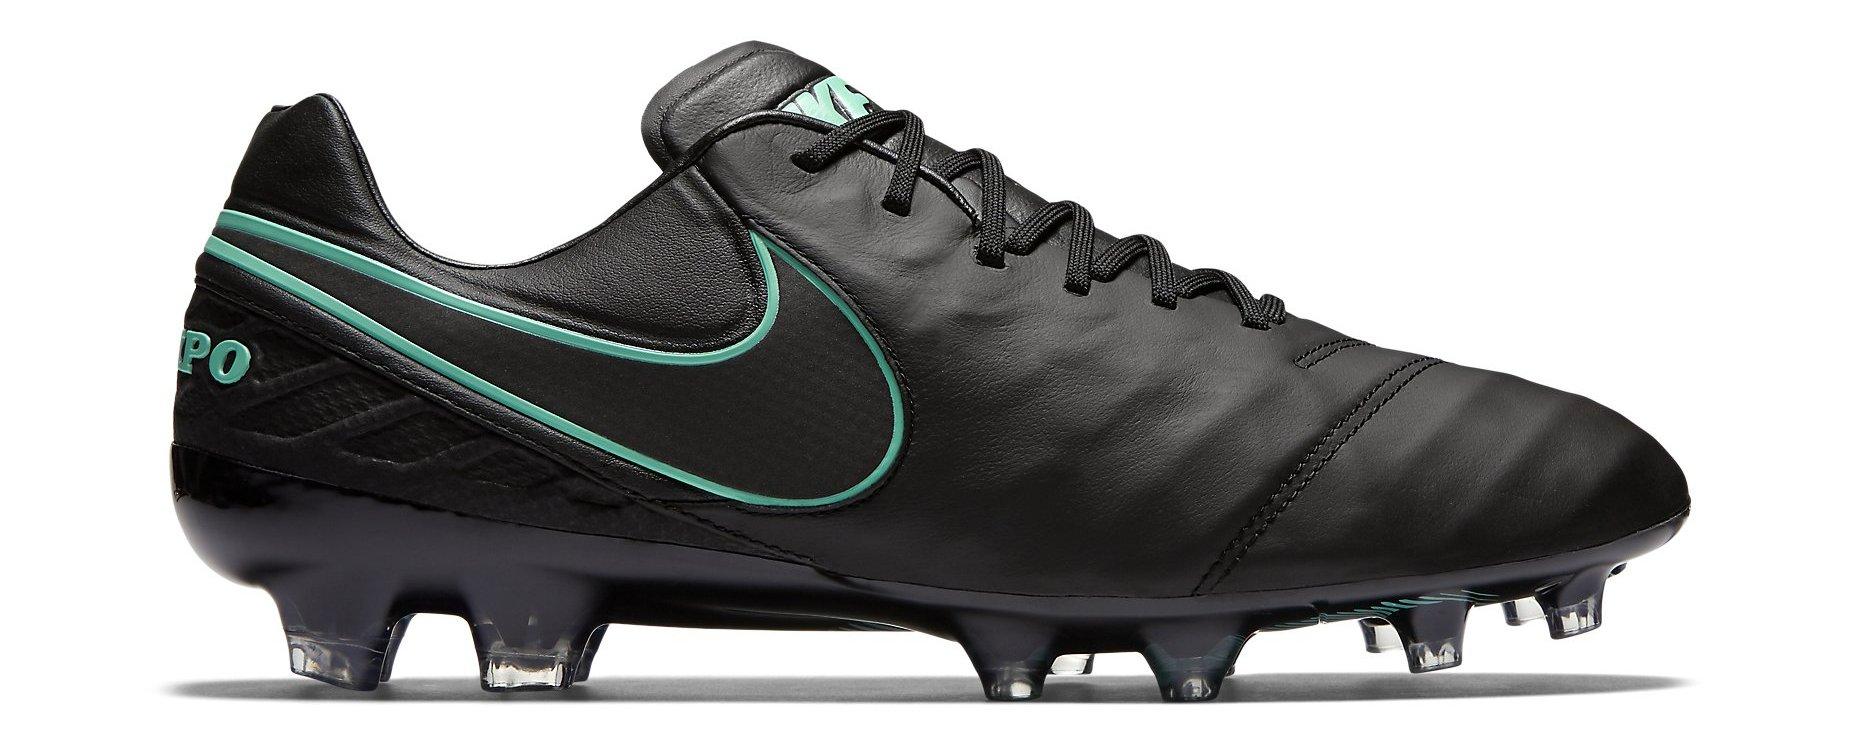 Kopačky Nike JR TIEMPO LEGEND VI FG